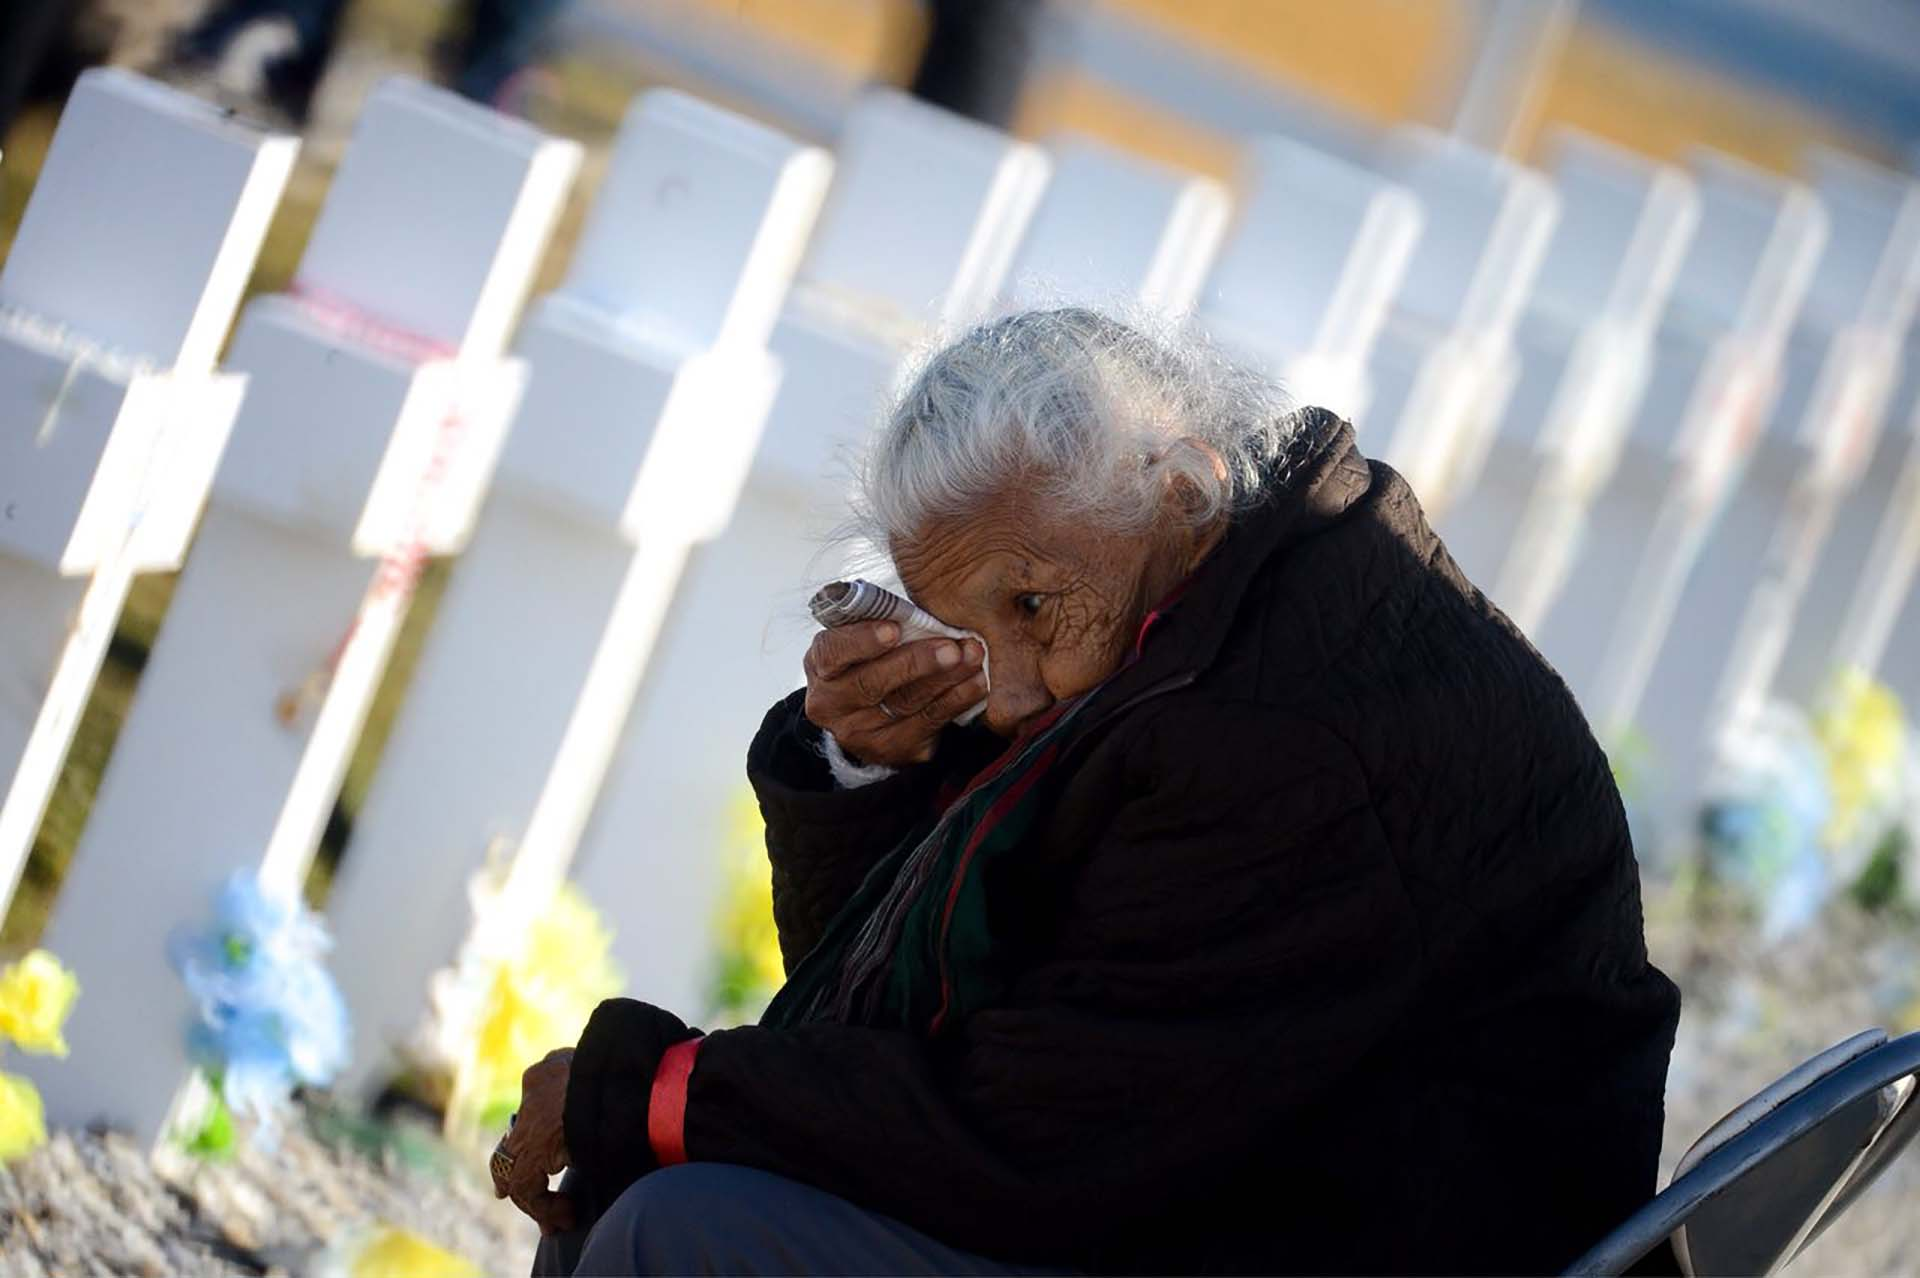 Paula Francisca Borda, de 83 años, llora Paula Francisca Borda, por su hijo Guillermo que -cuenta – viajó a Malvinas como voluntario para evitar que su hermano menor fuera a la guerra de sus hermanos menores tuviera que hacerlo. (Foto: Presidencia de la Nación/Secretaria DDHH/ Víctor Bugge)